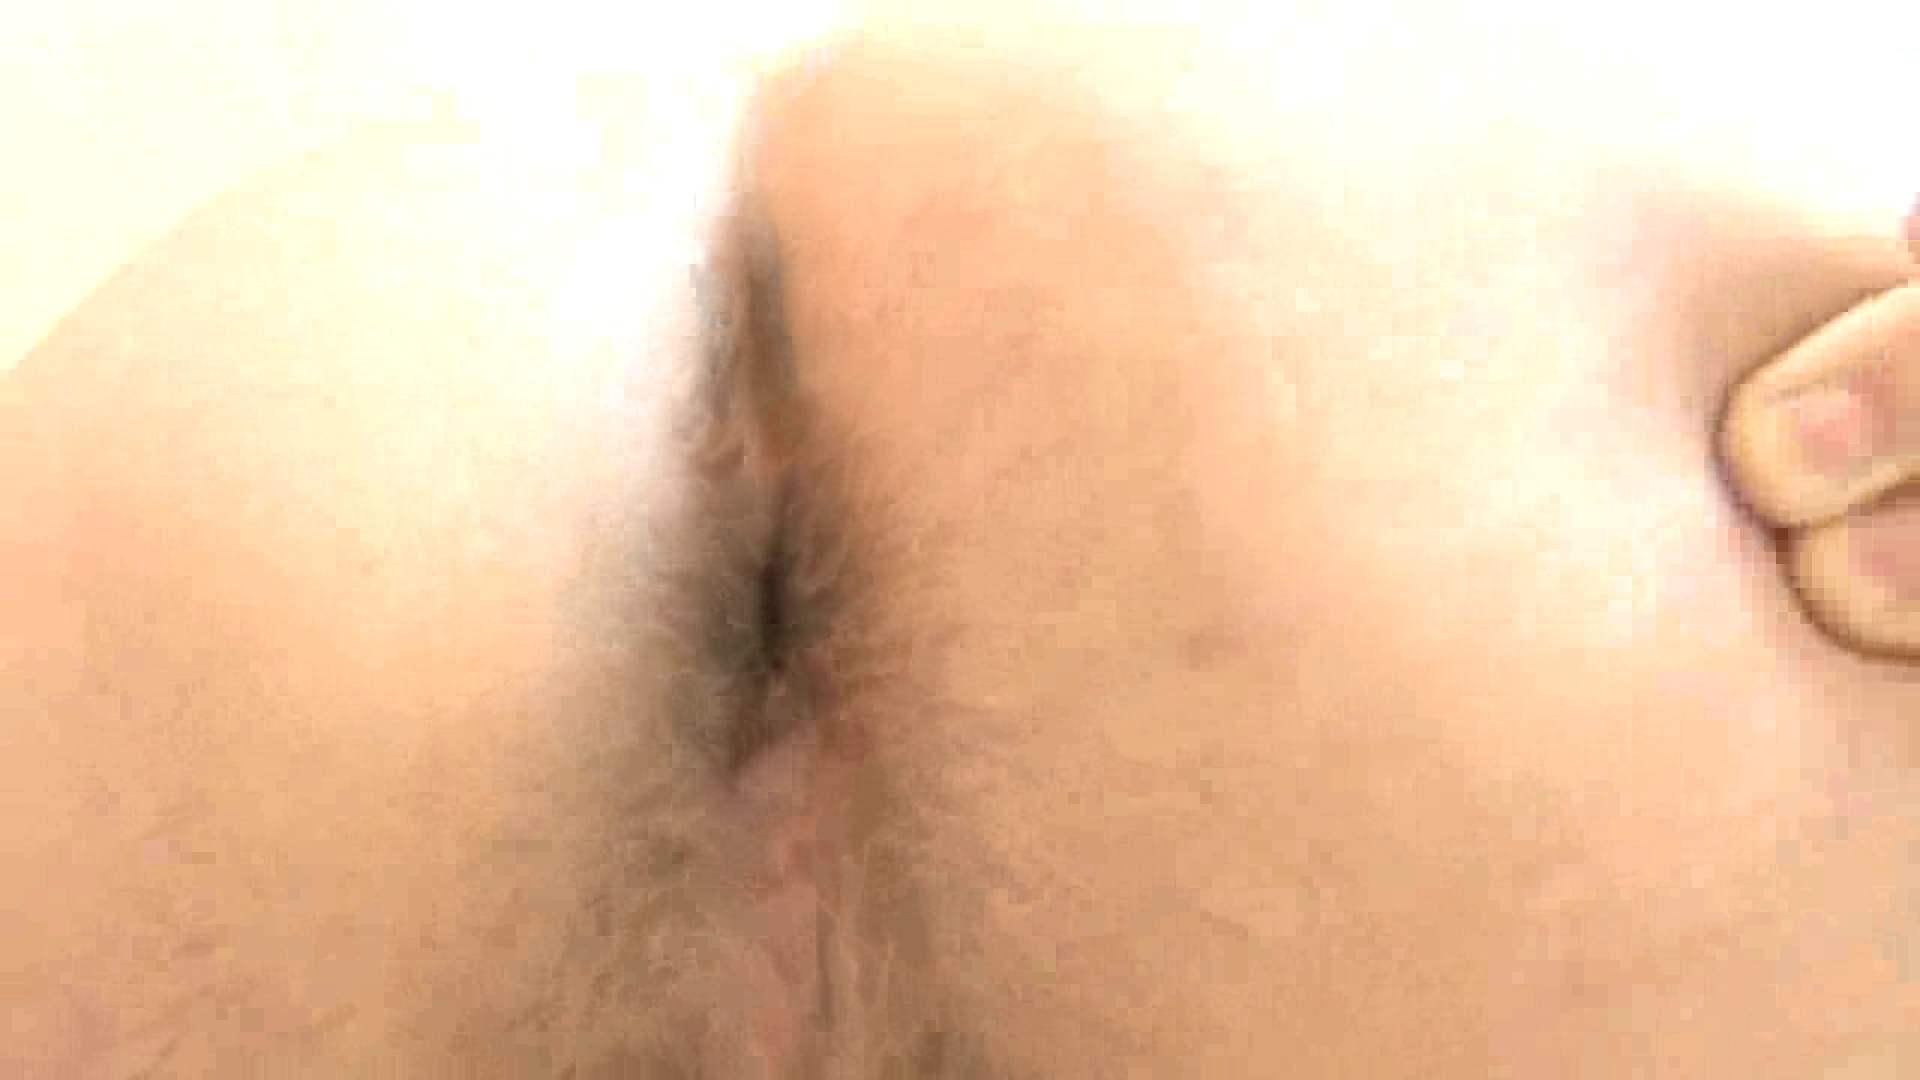 ノンケ!自慰スタジオ No.02 裸 ゲイザーメン画像 95枚 76